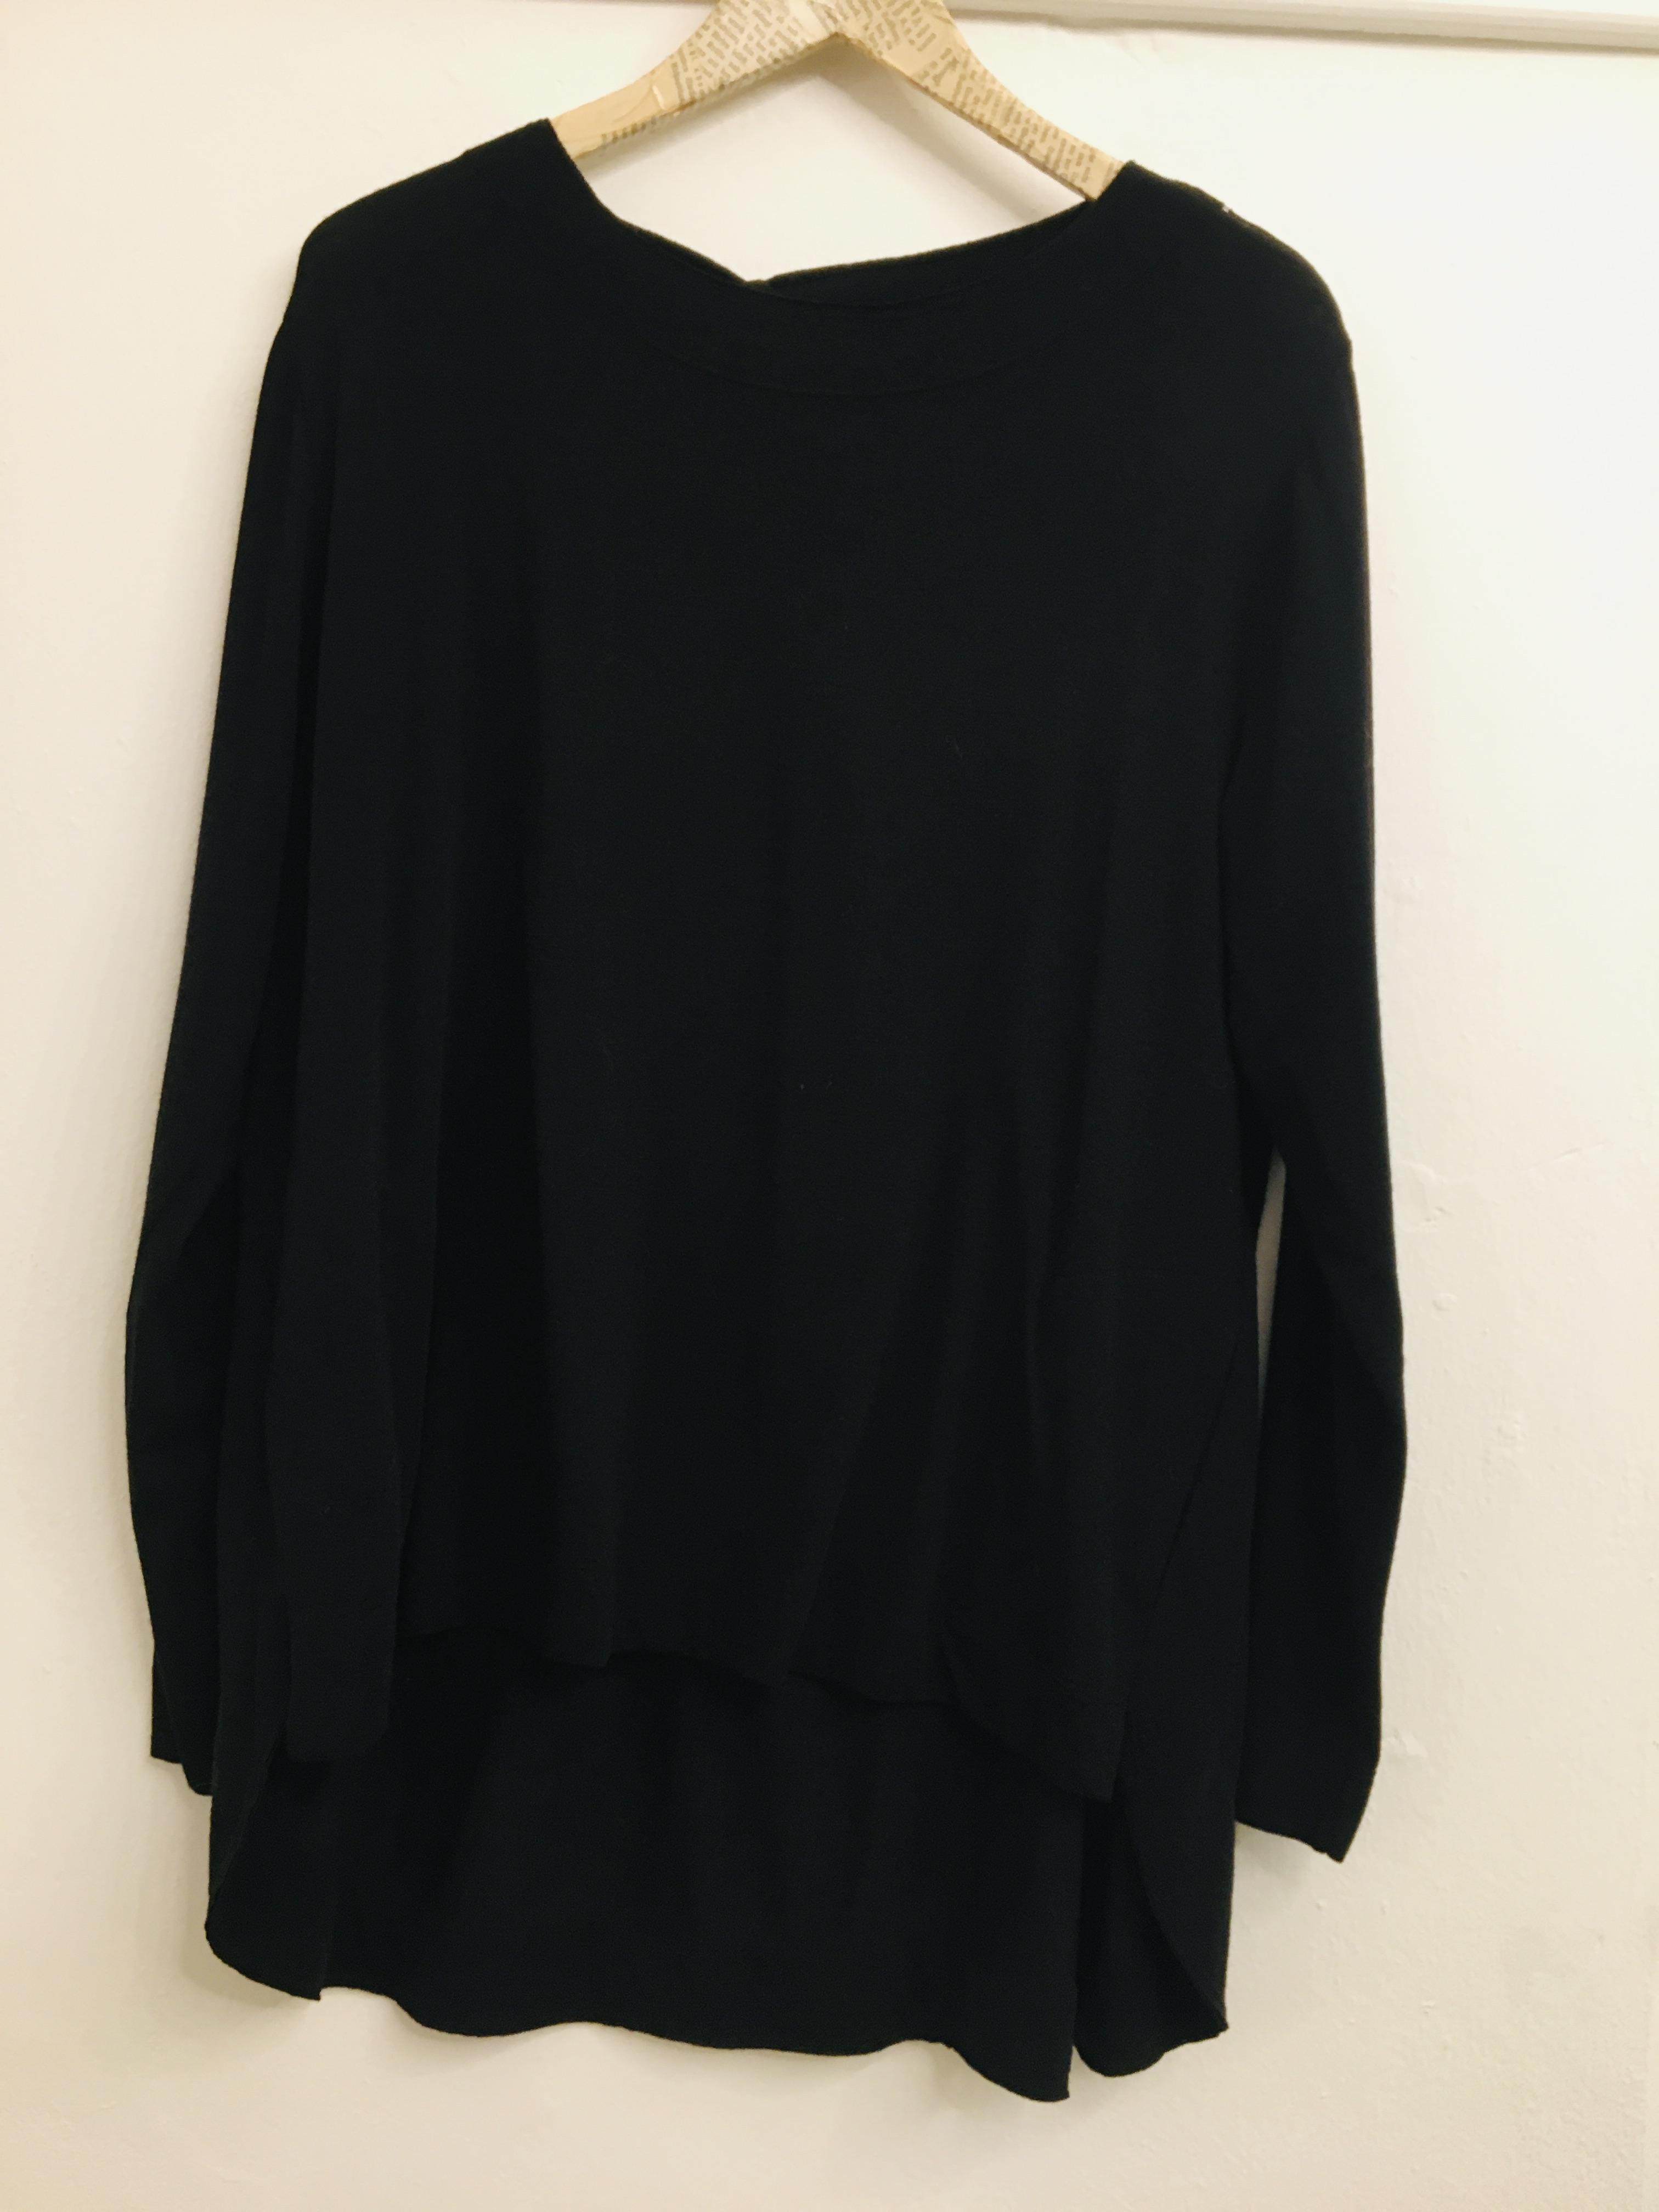 maglia donna  in lana leggera  nera collo tondo  con tasche  manica lunga  made in Italy